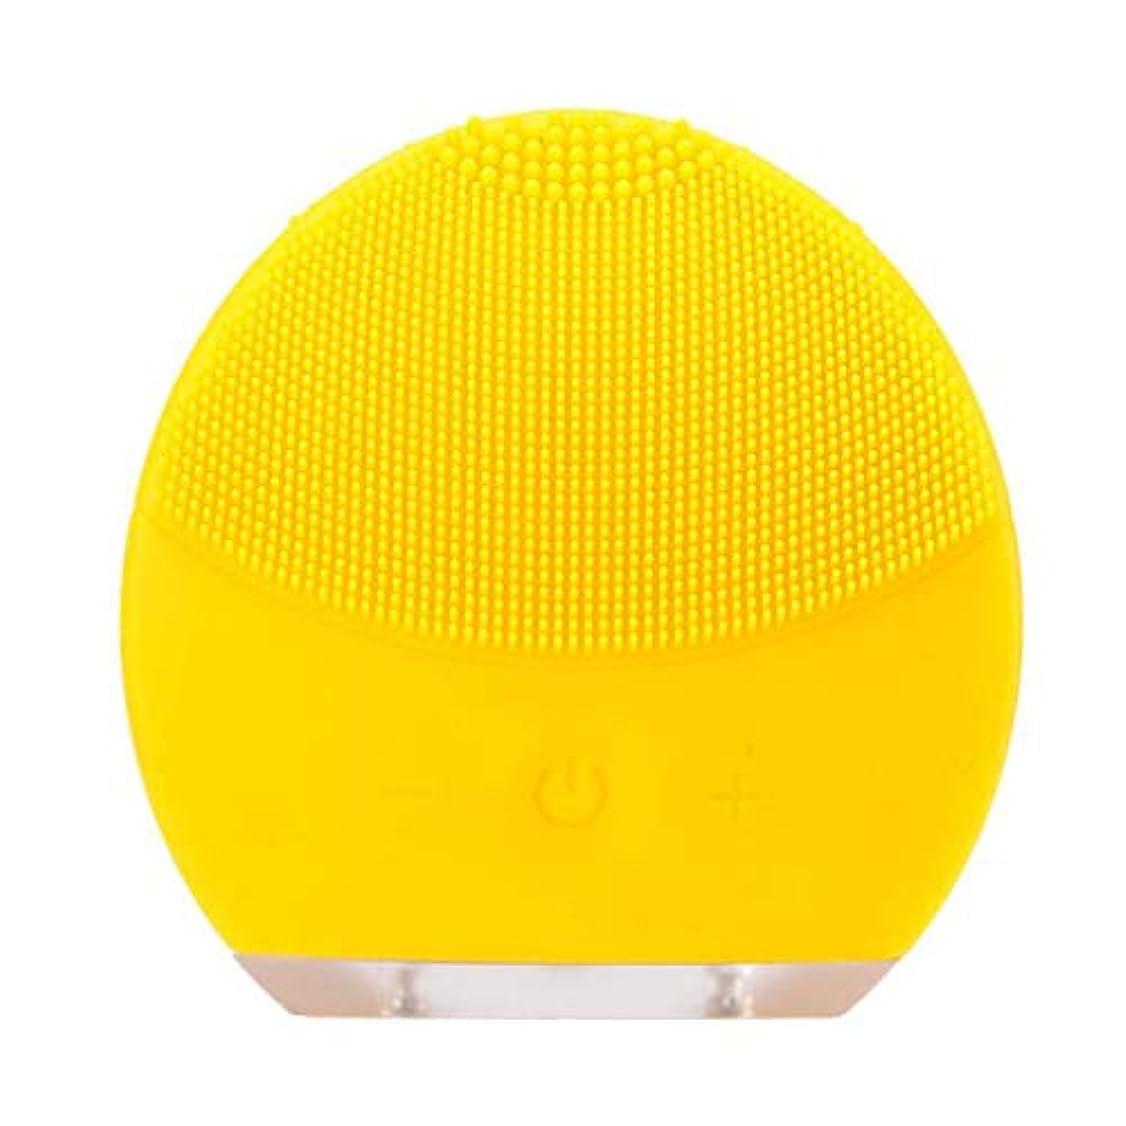 兵器庫お互いネーピア超音波振動美容機器洗浄器、皮膚の毛穴を最小限に抑えるマイクロダーマブレーション毛穴、USB 充電と防水,Yellow